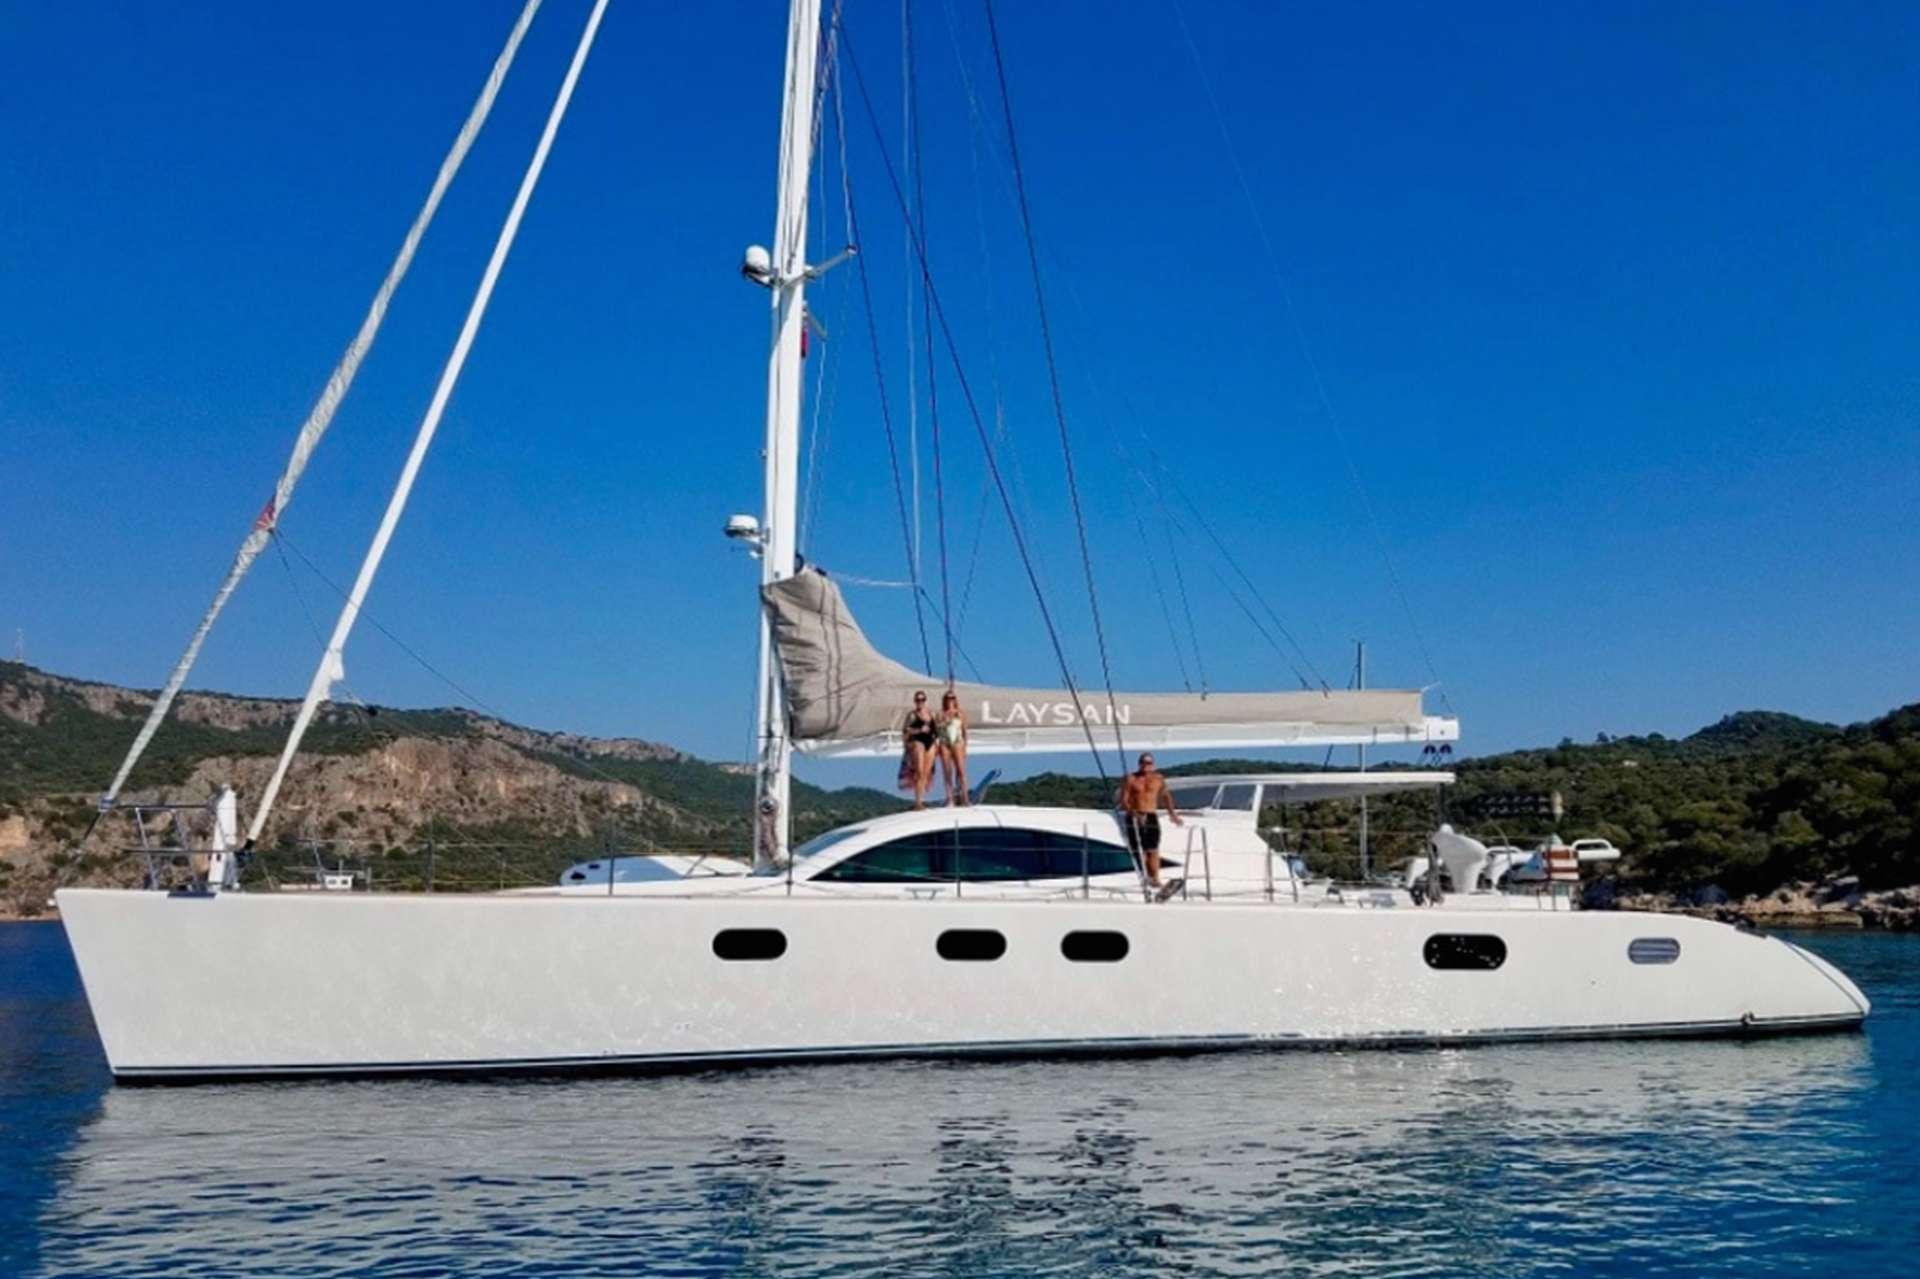 Catamaran Laysan Yacht Charter Vacations